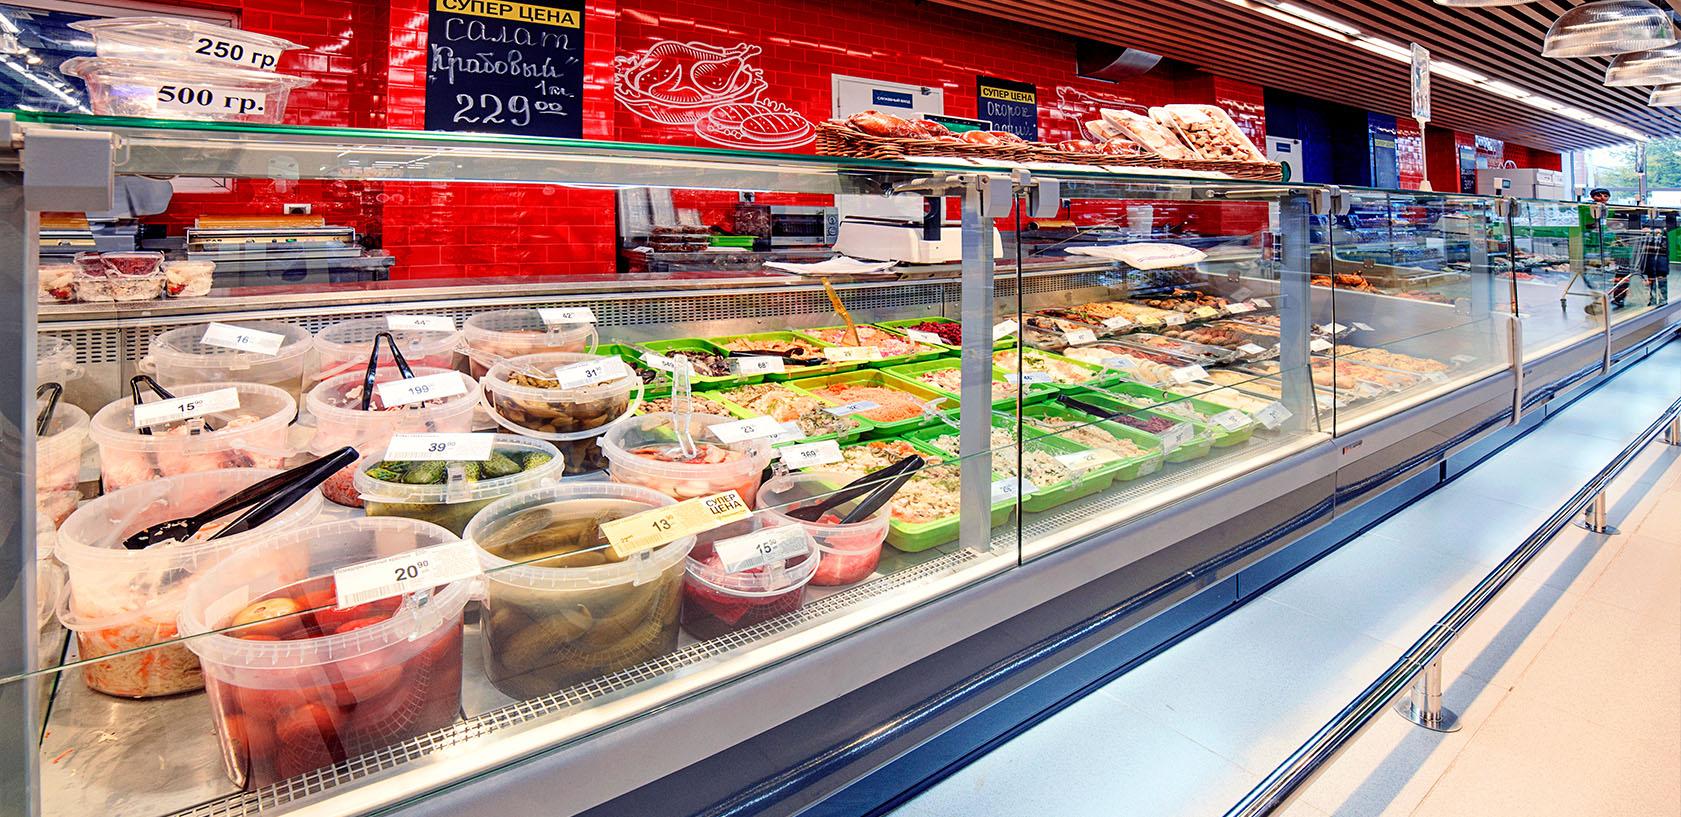 Холодильное оборудование для супермаркета Зеленый перекресток Ярославль от компании Brandford